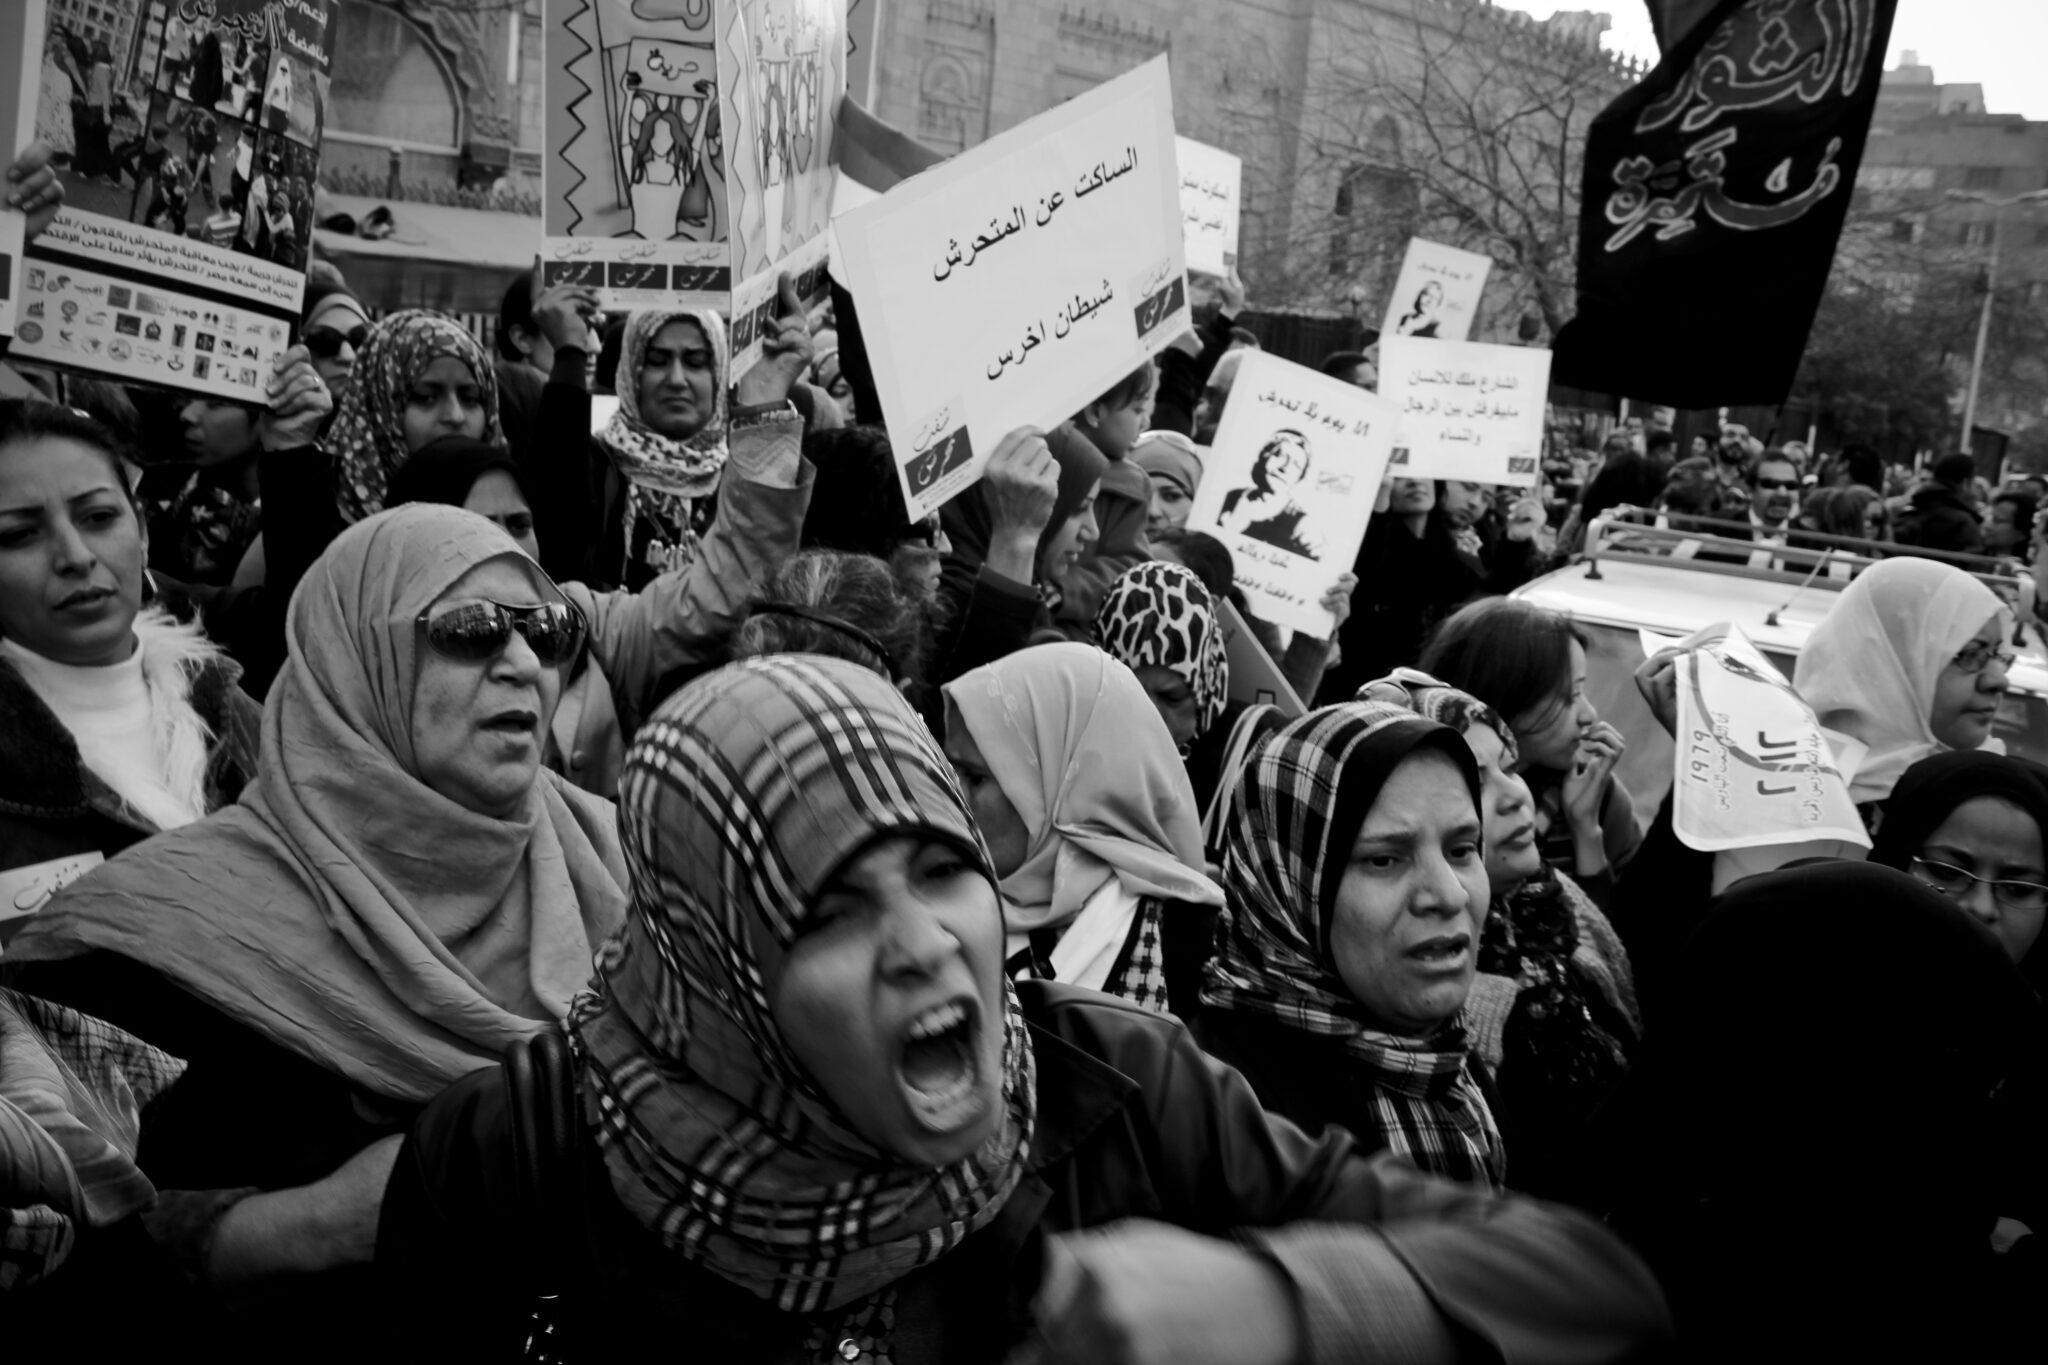 Frauen, die auf dem Tahrir-Platz gegen sexuelle Belästigung protestieren.